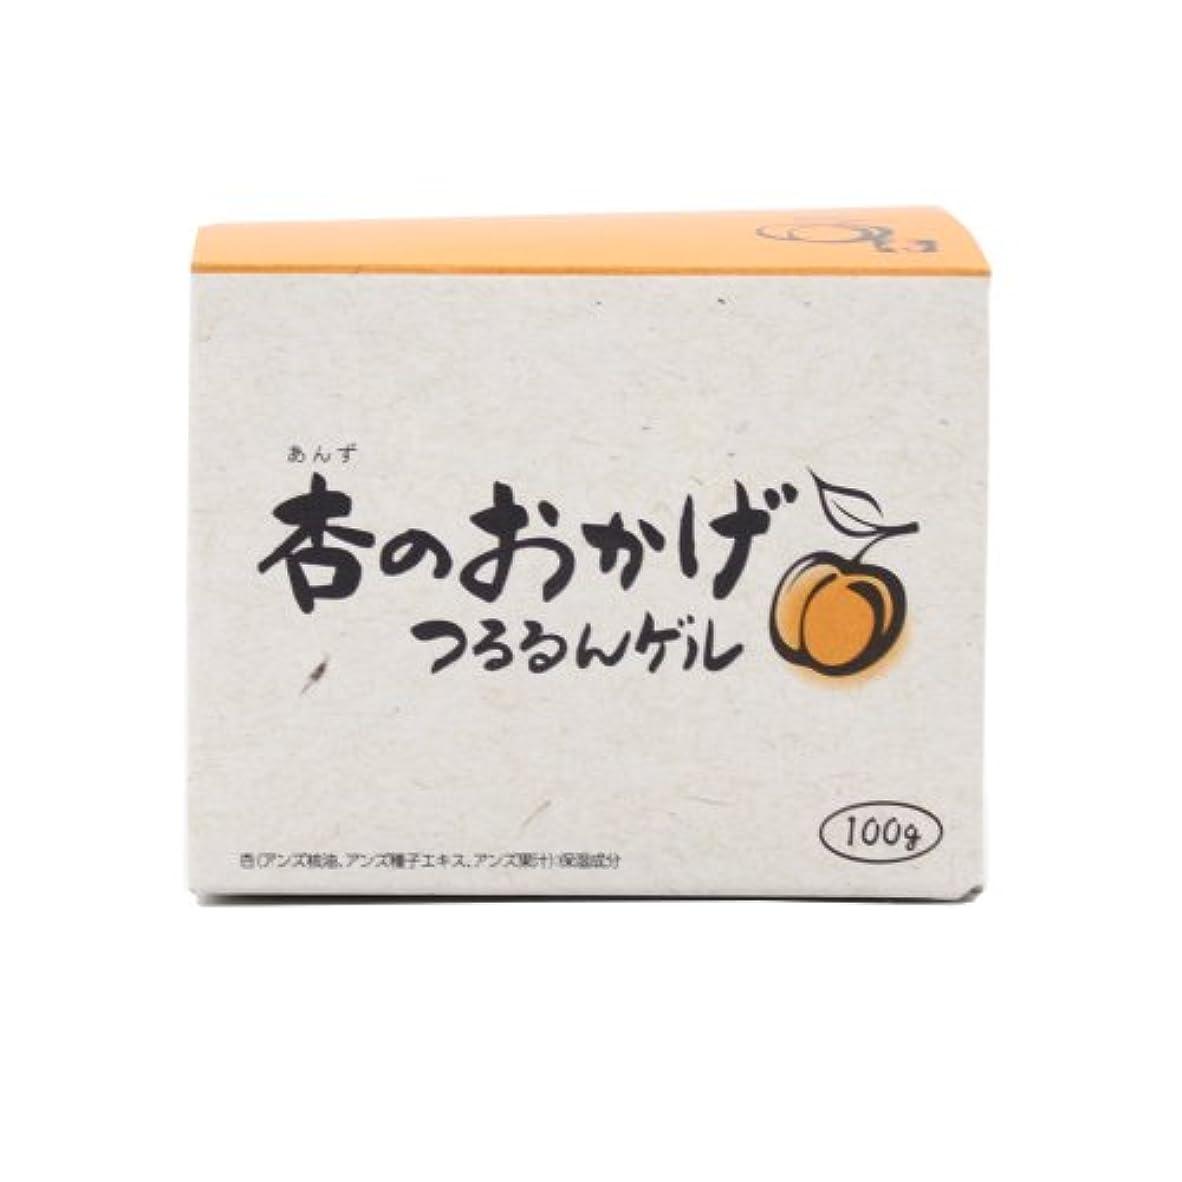 横キャリア脳プラセス製薬 杏のおかげ つるるんゲル 100g